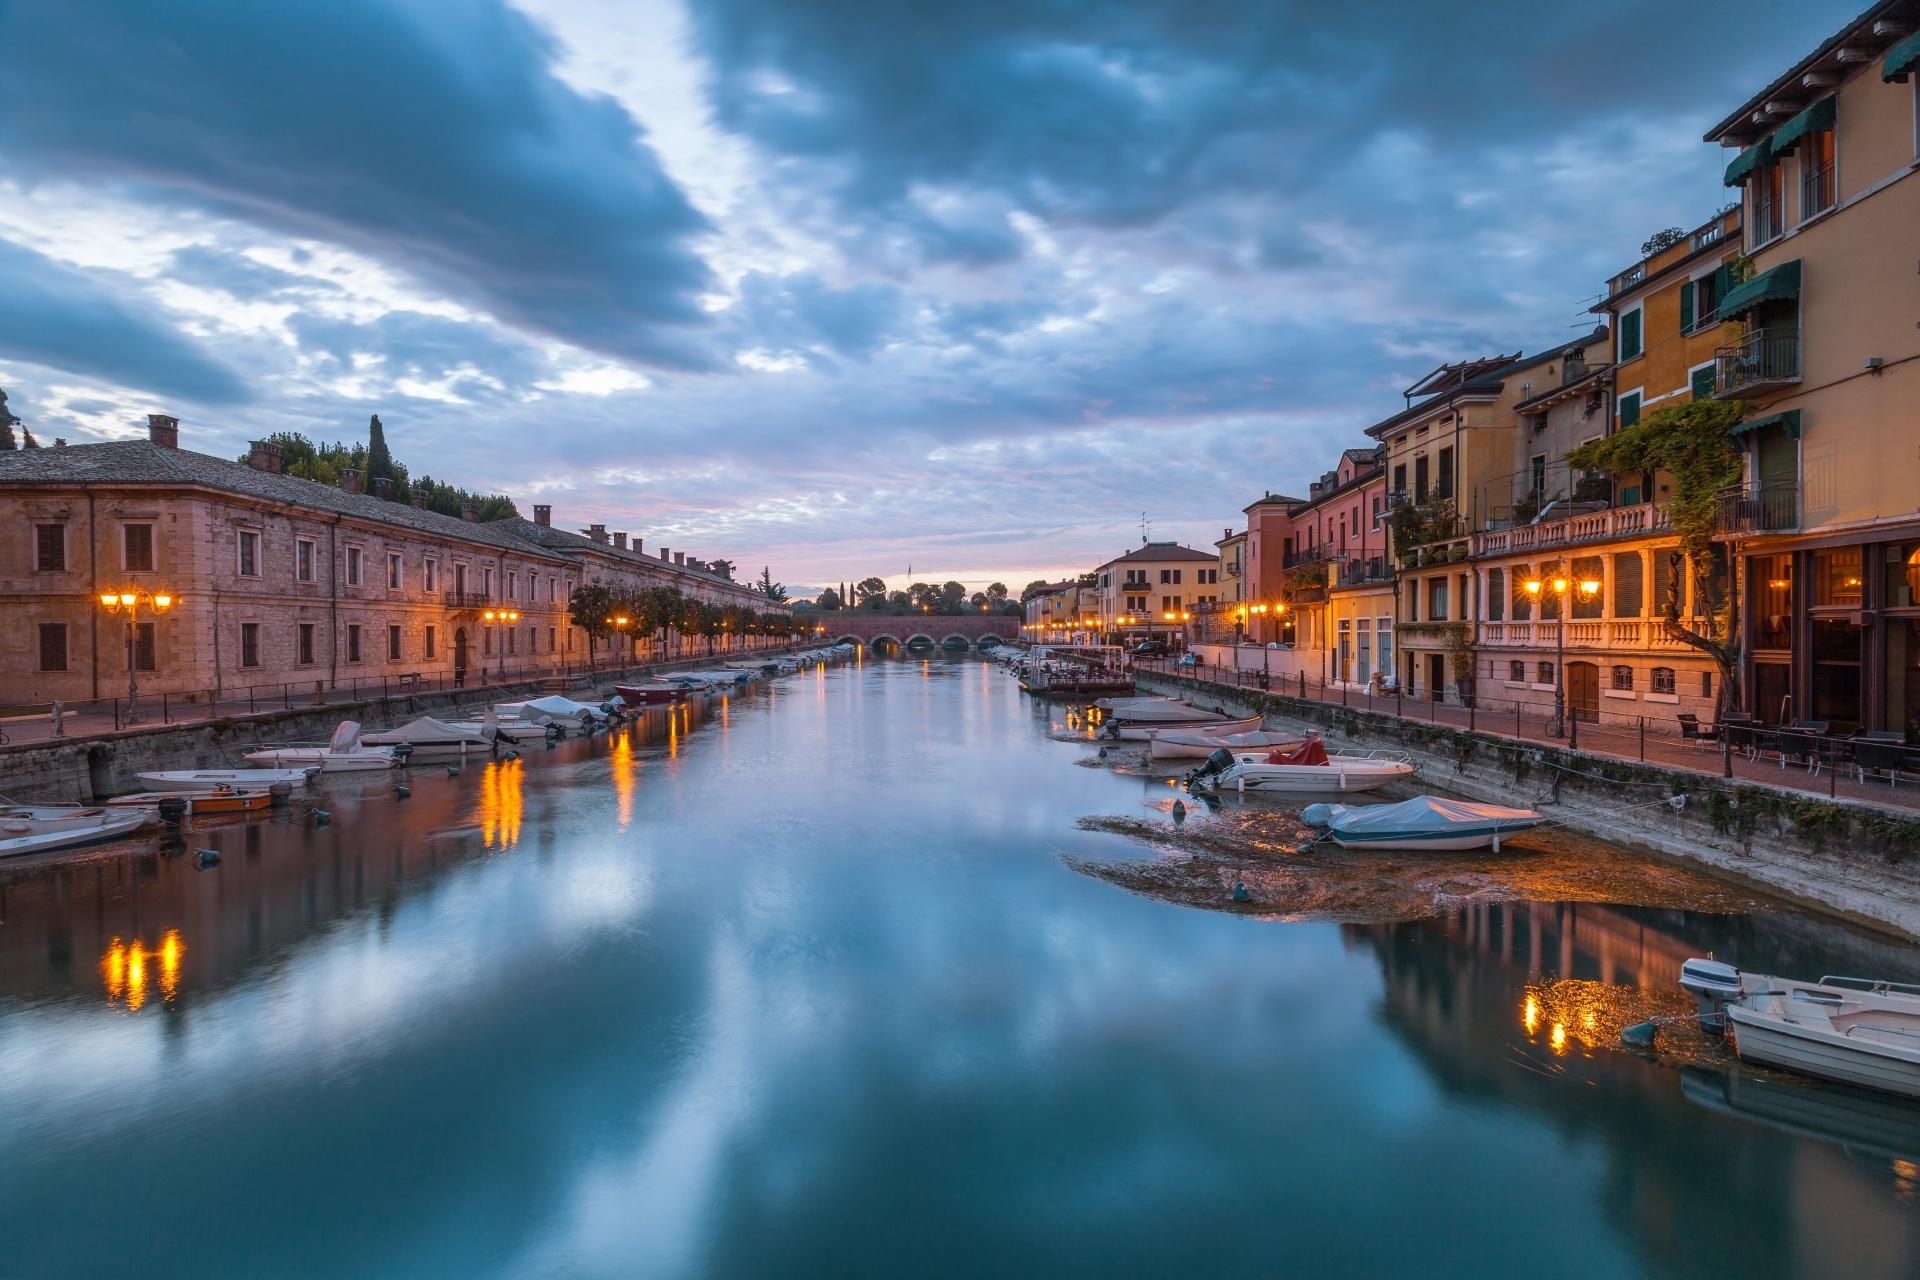 ガルダ湖の風景 イタリアの風景